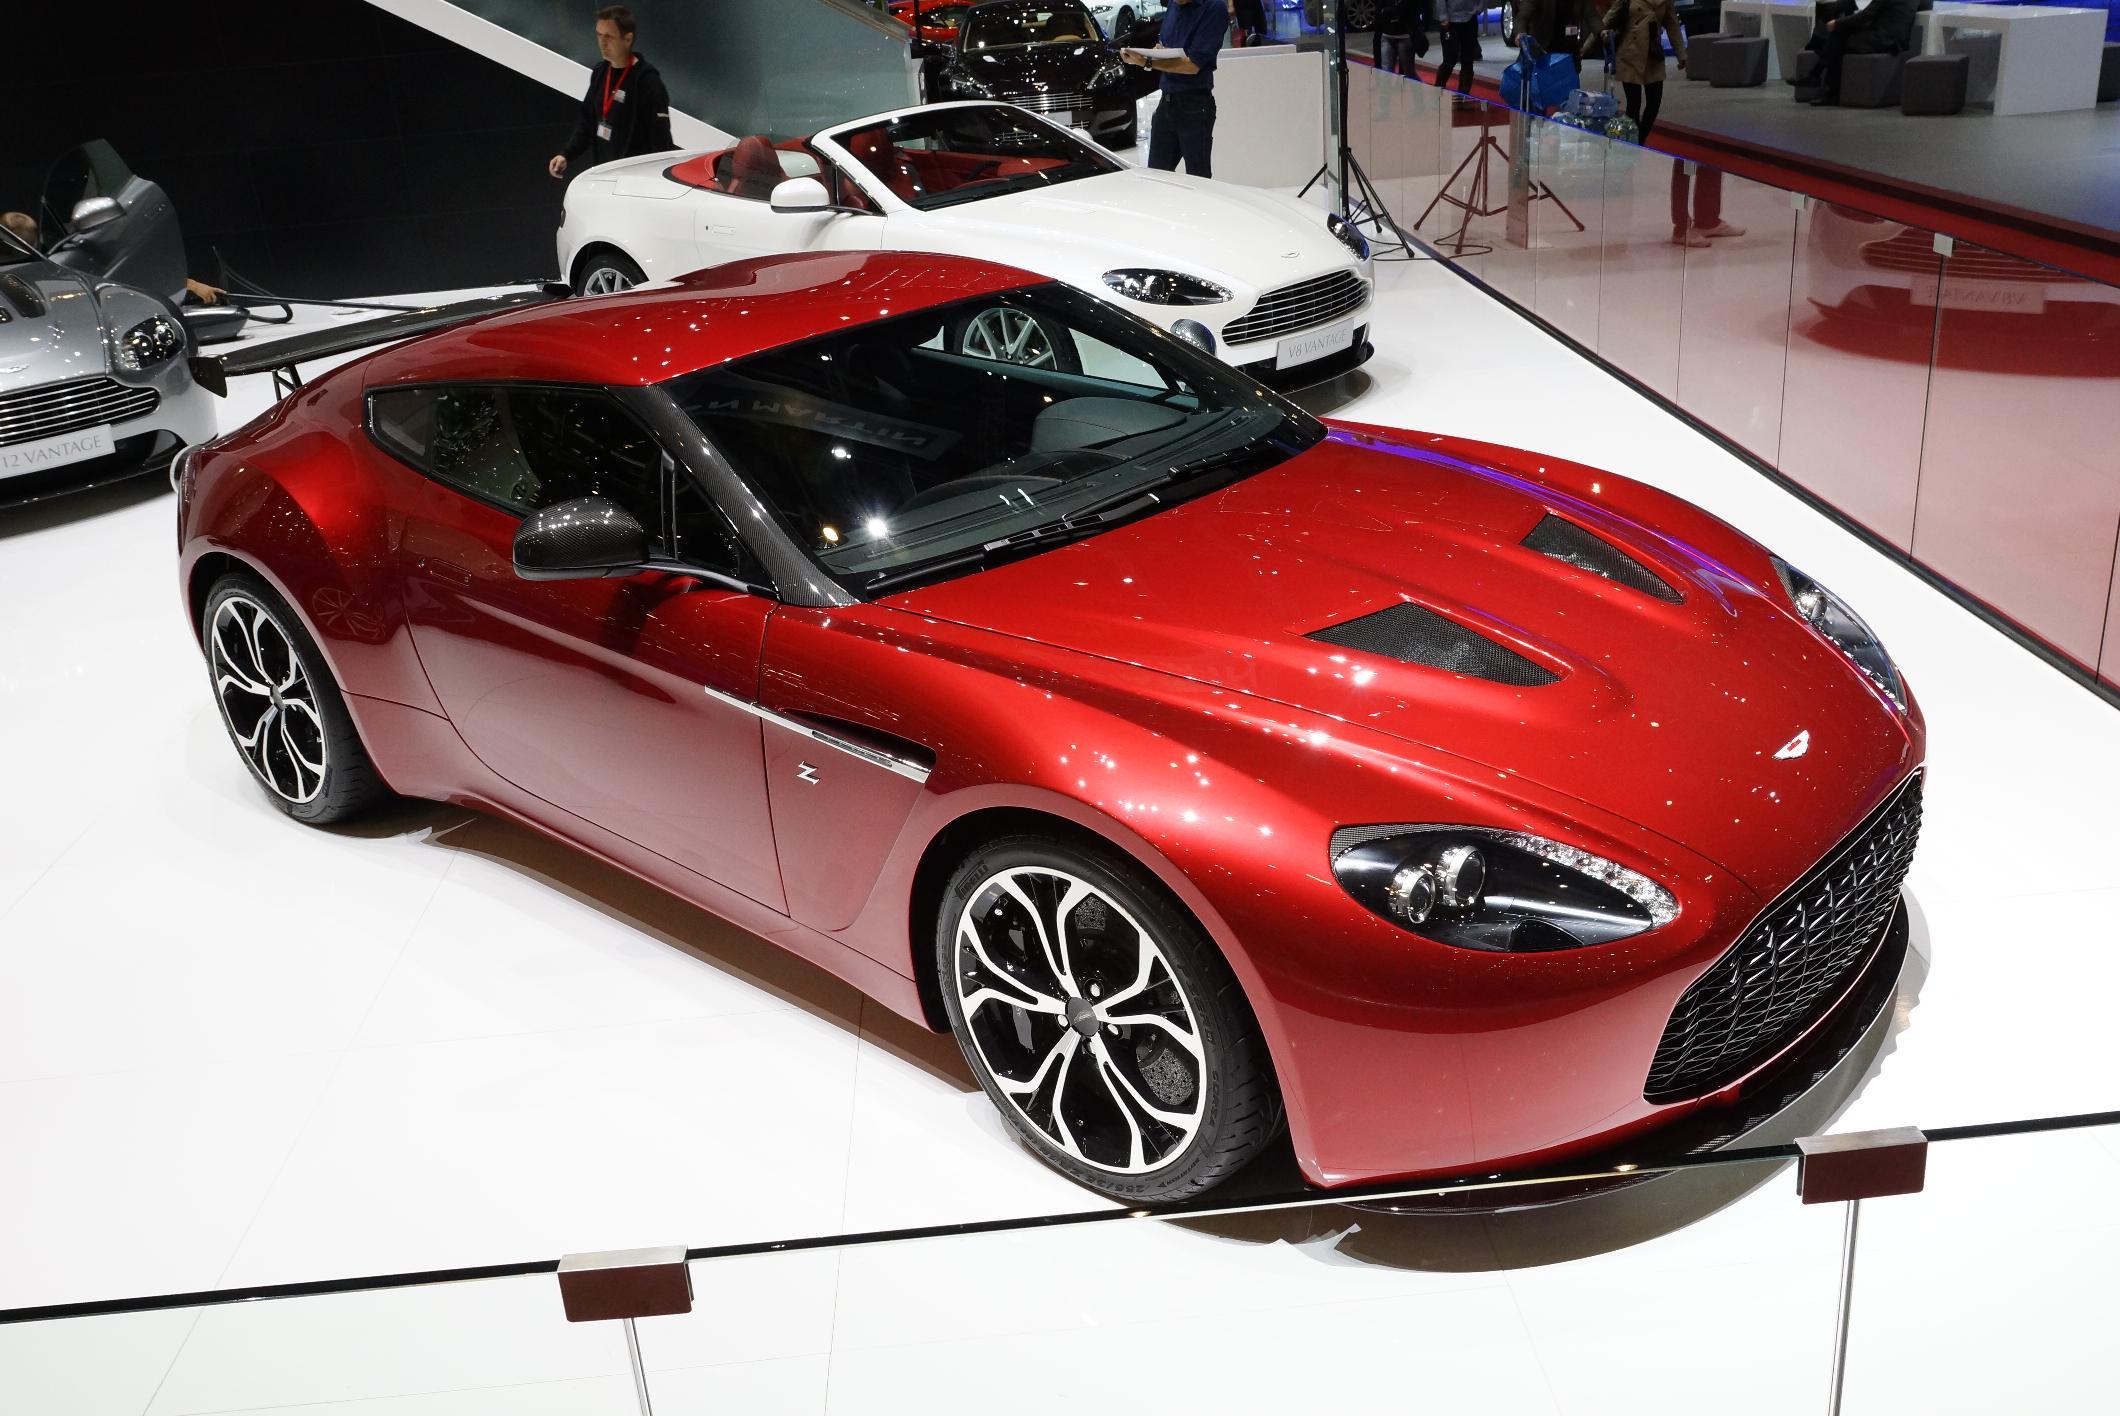 Aston Martin V12 Zagato Geneva 2012